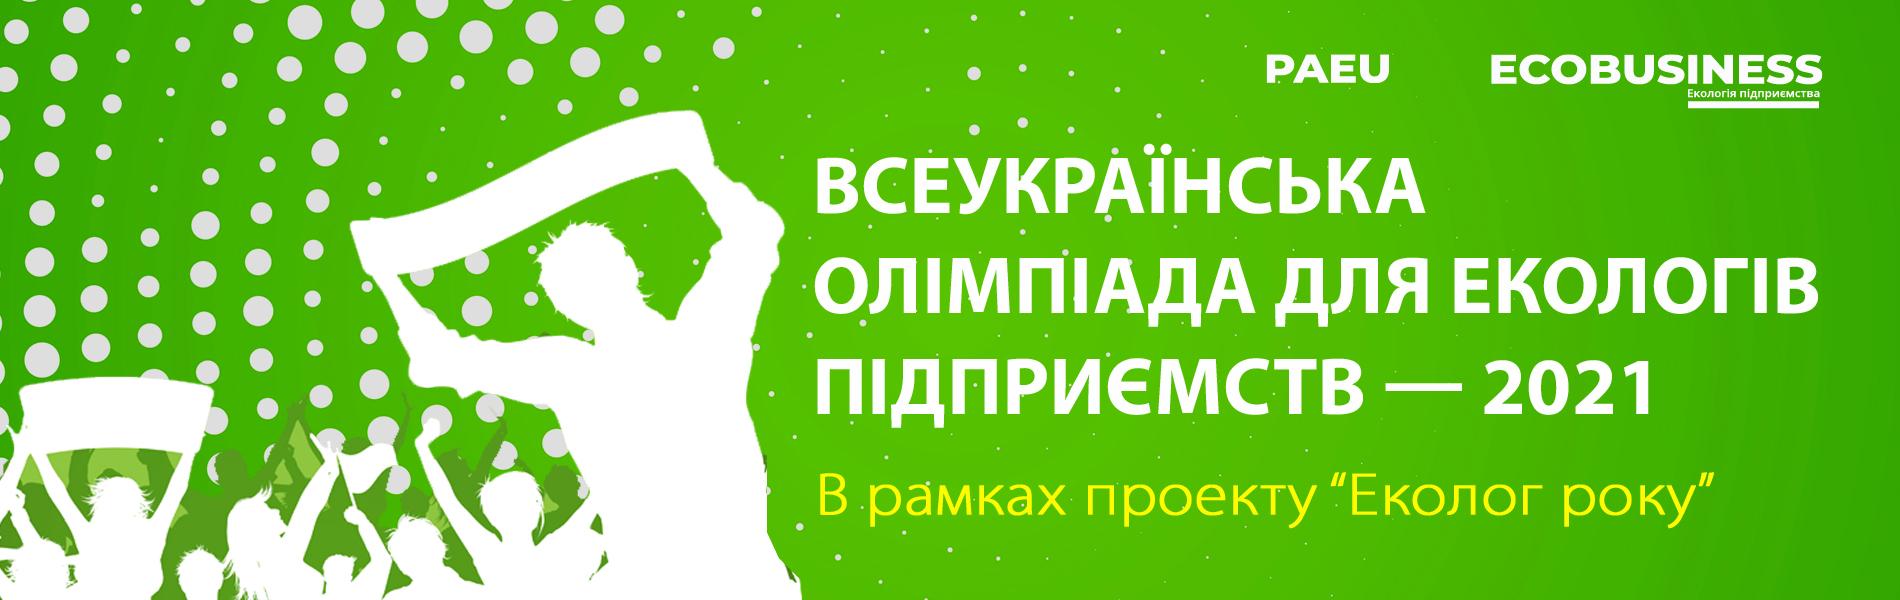 Всеукраїнська олімпіада для екологів підприємств-2020. «В рамках проєкту Еколог року»